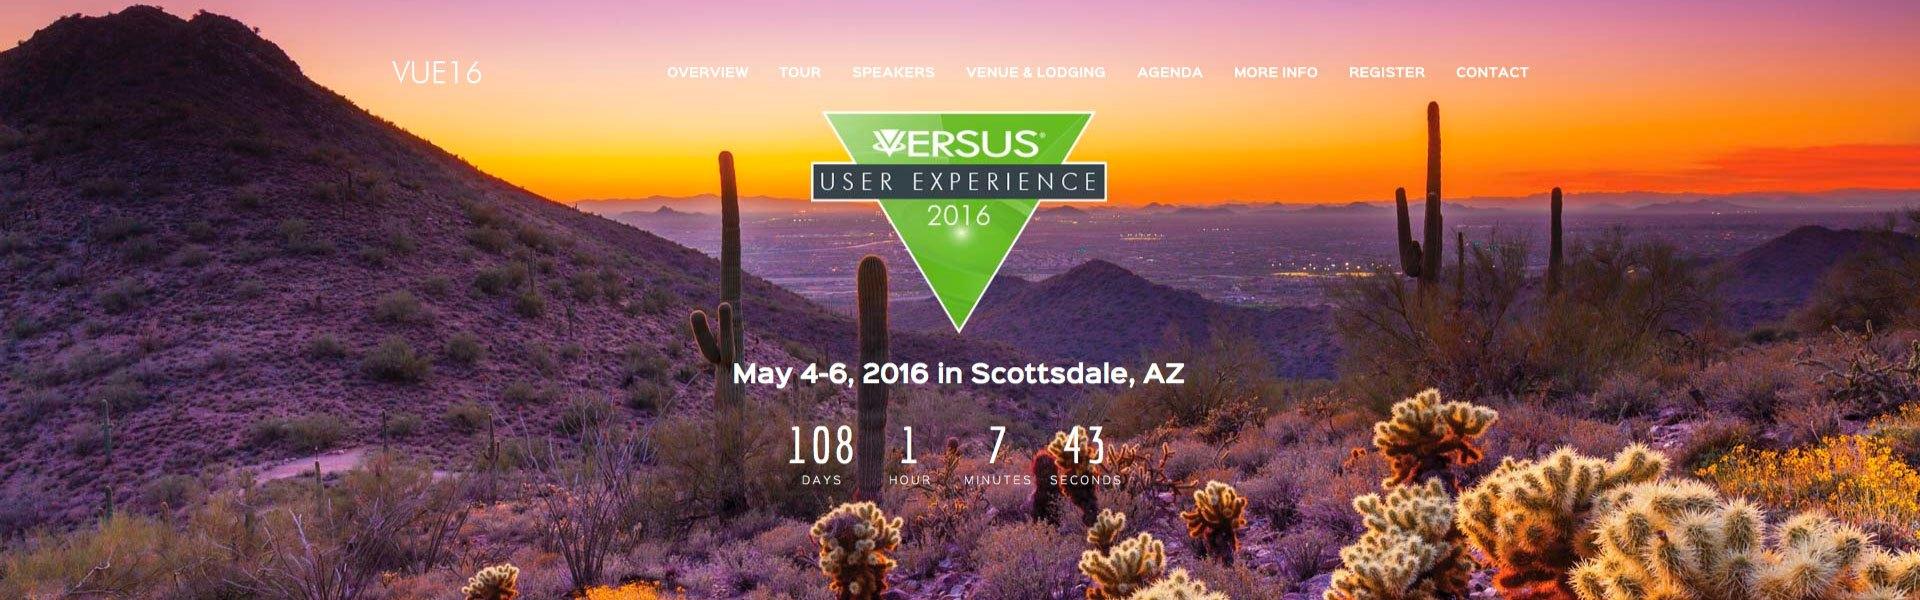 Website Design versustech.com VUE16 sensesonic.com